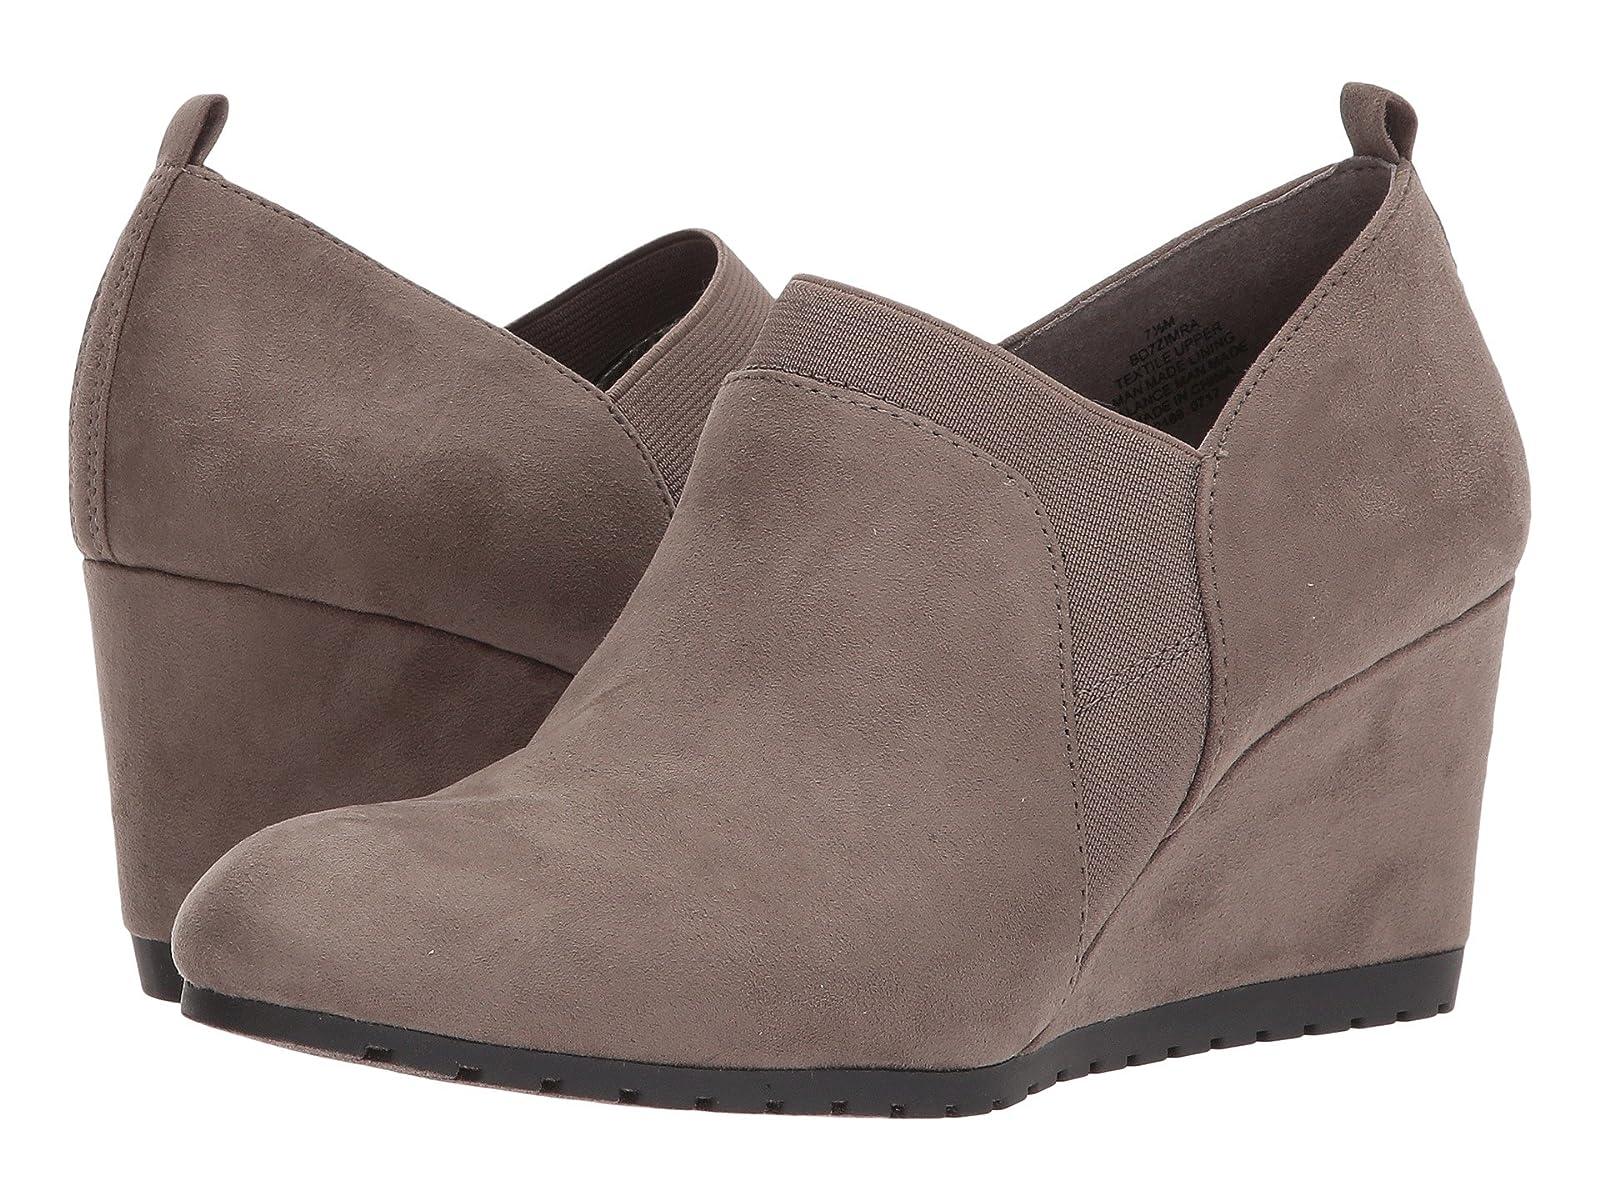 Bandolino ZimraCheap and distinctive eye-catching shoes